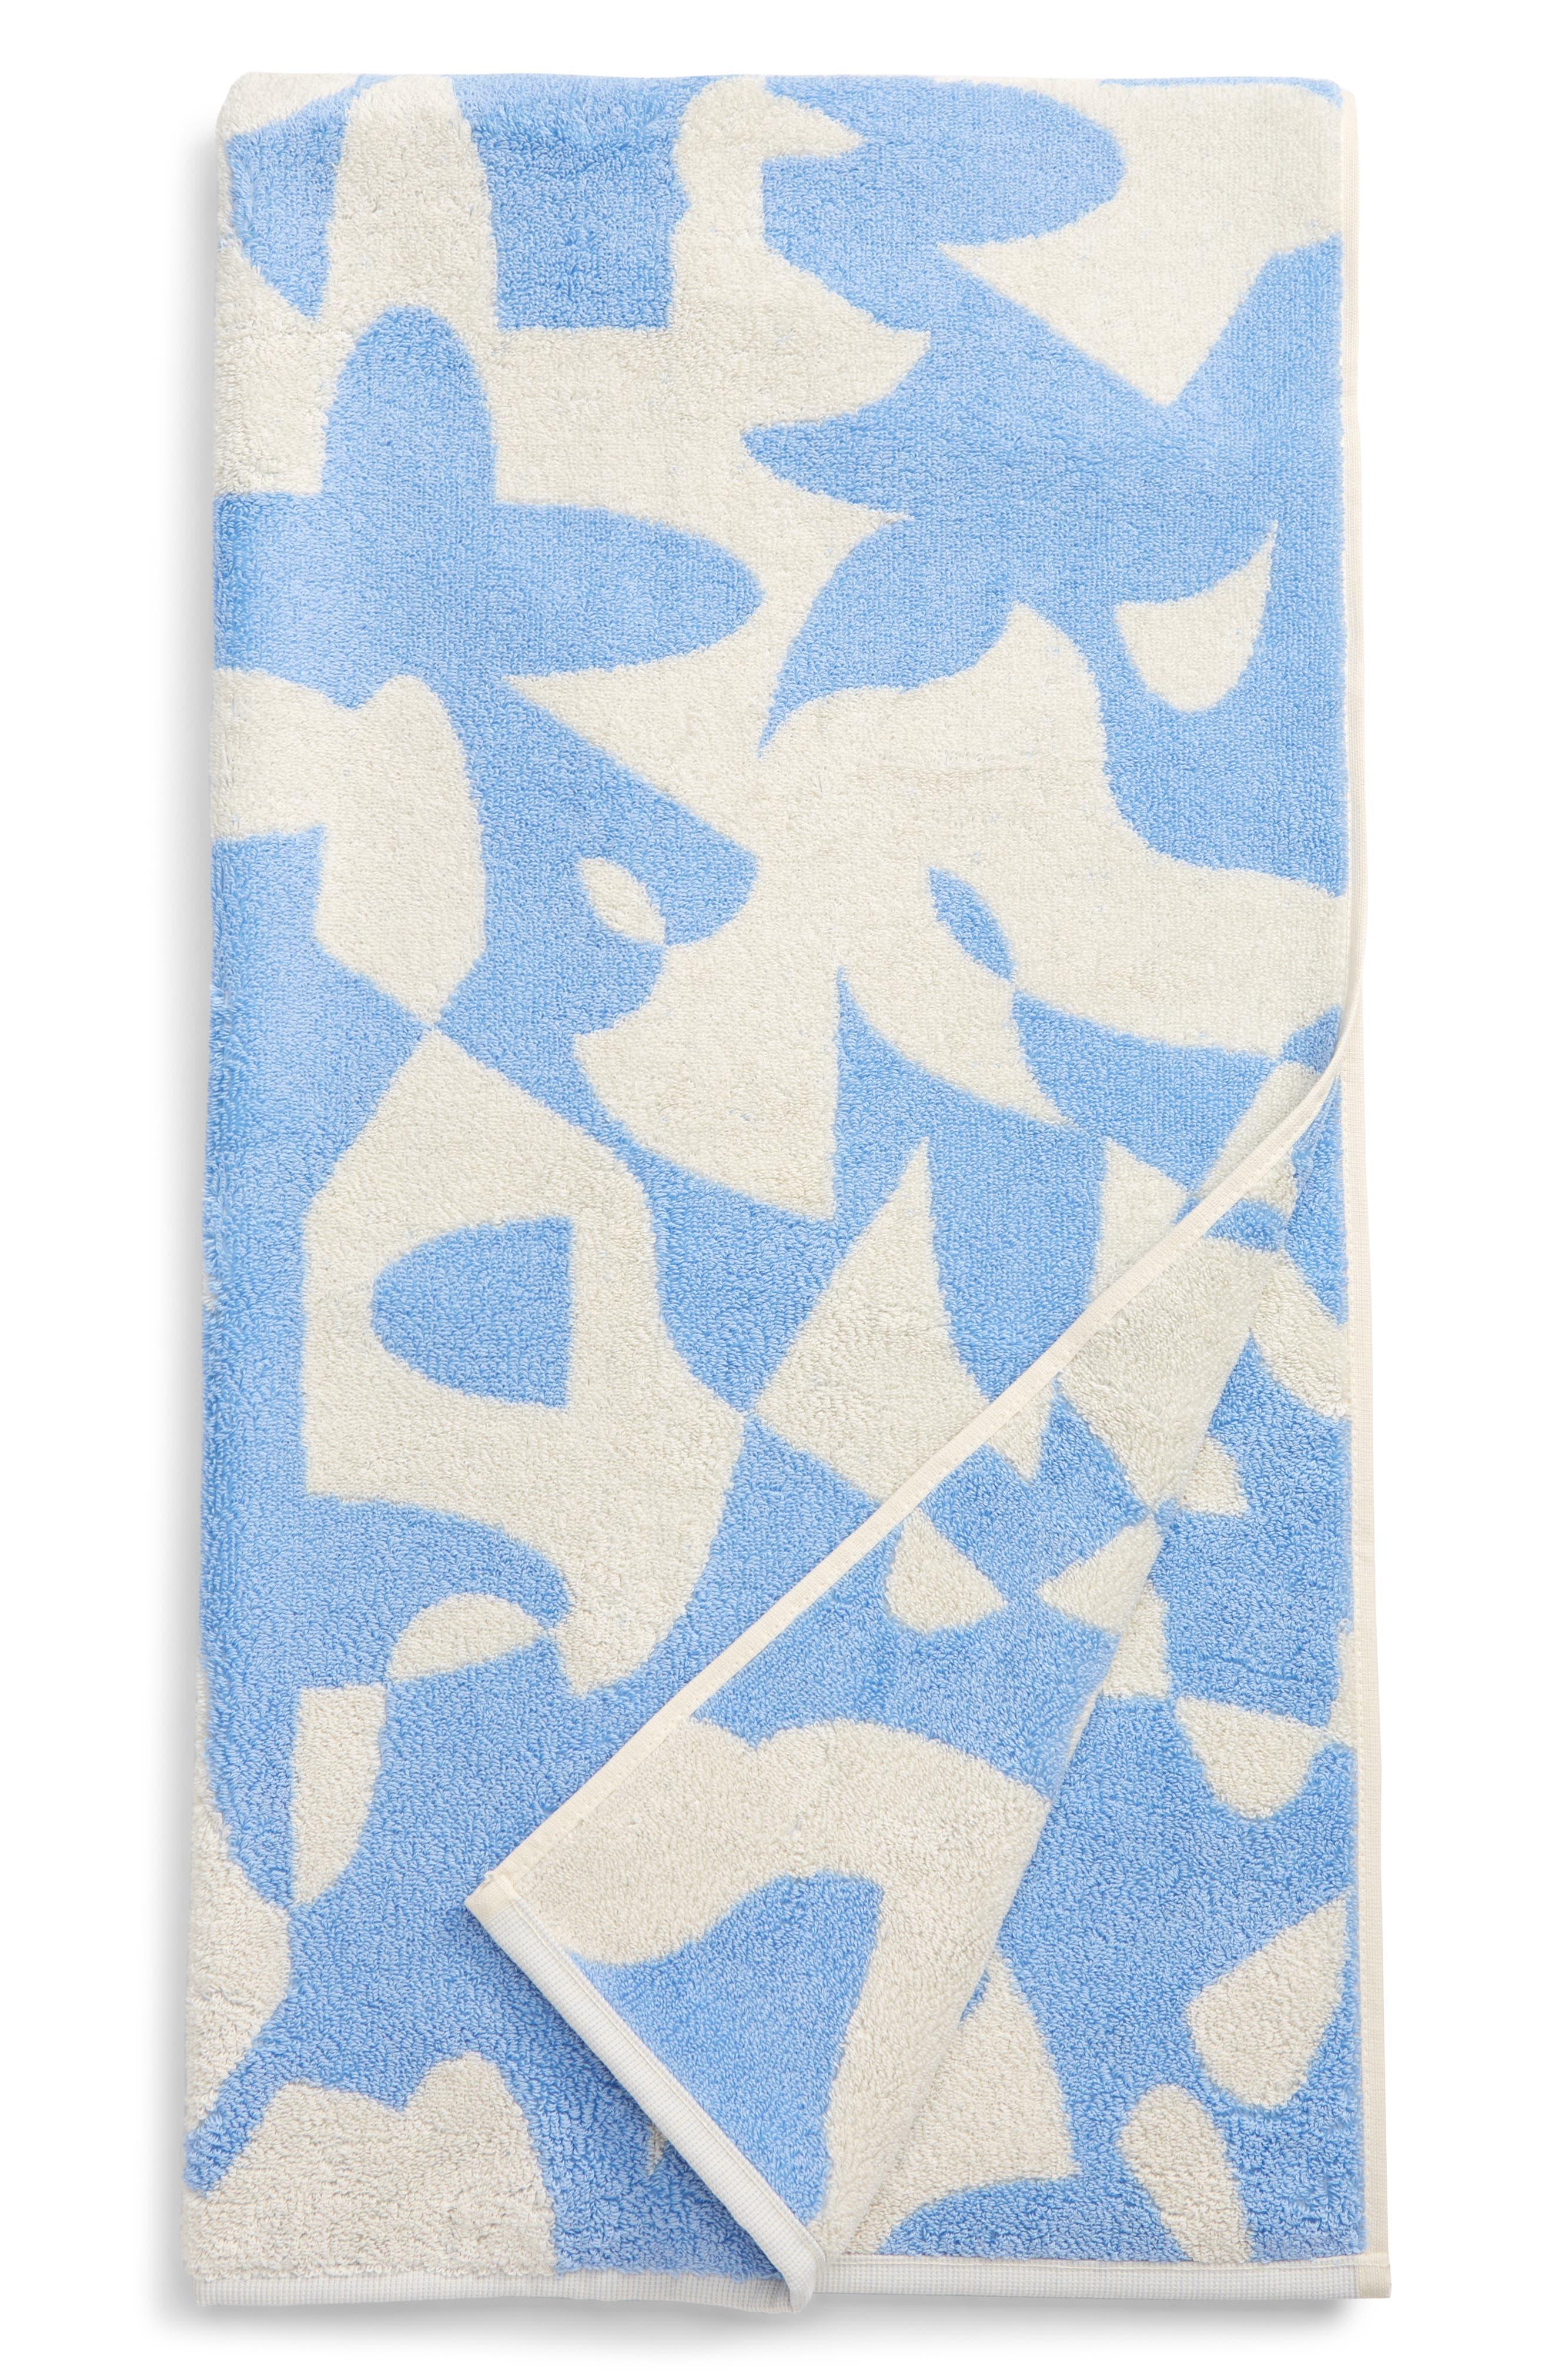 Dusen Dusen Hepta Jacquard Reversible Bath Towel